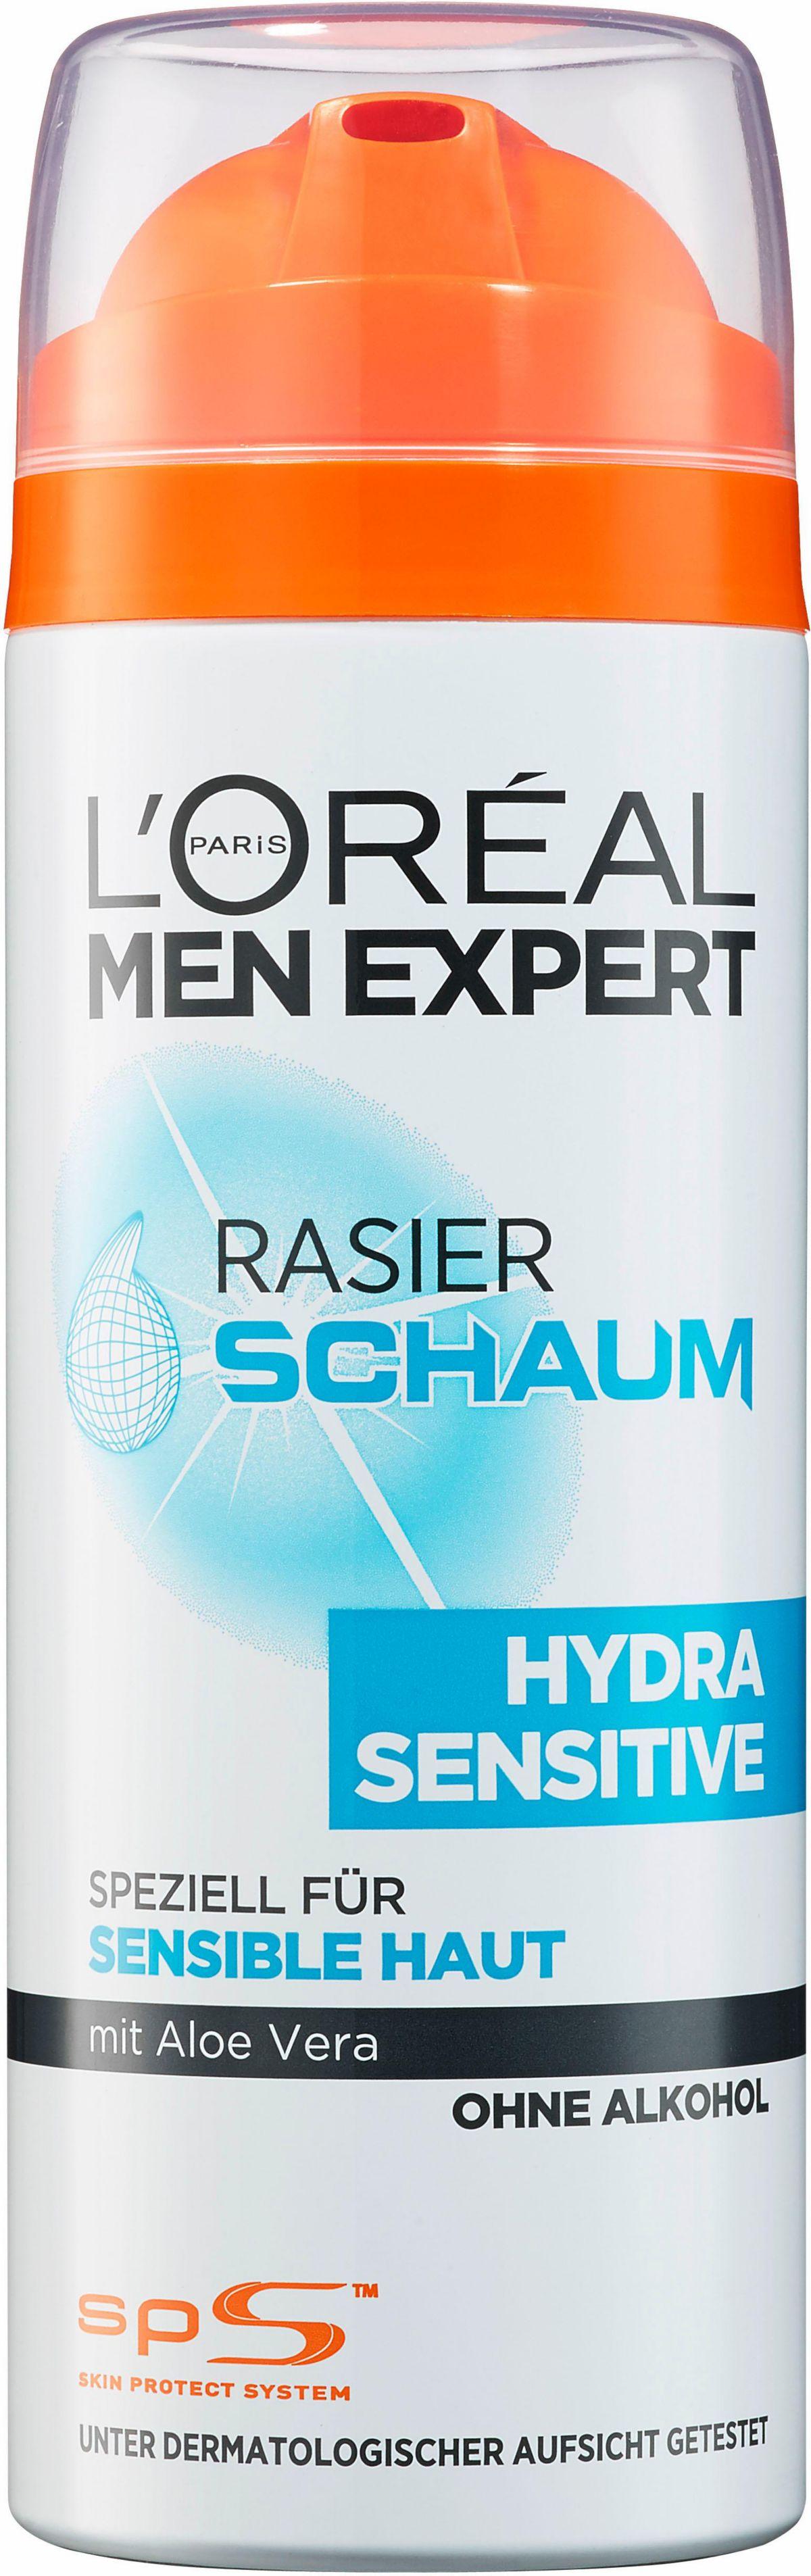 L´Oréal Paris Men Expert, »Hydra Sensitive Rasierschaum«, Rasierschaum